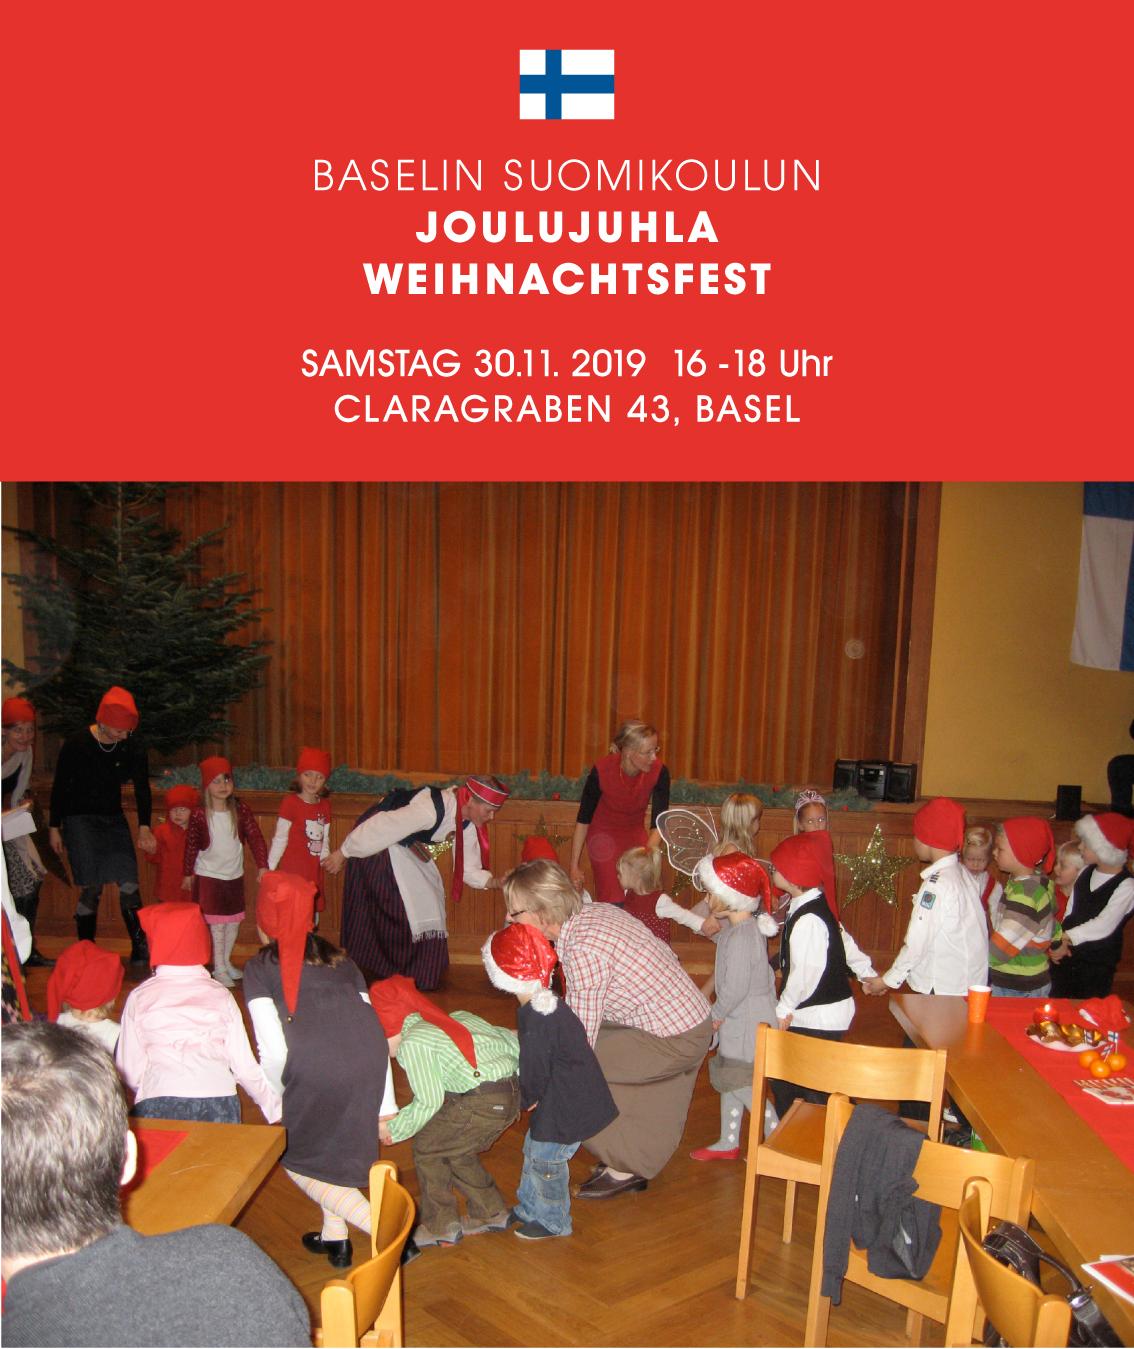 Baselin Suomikoulu Joulujuhla